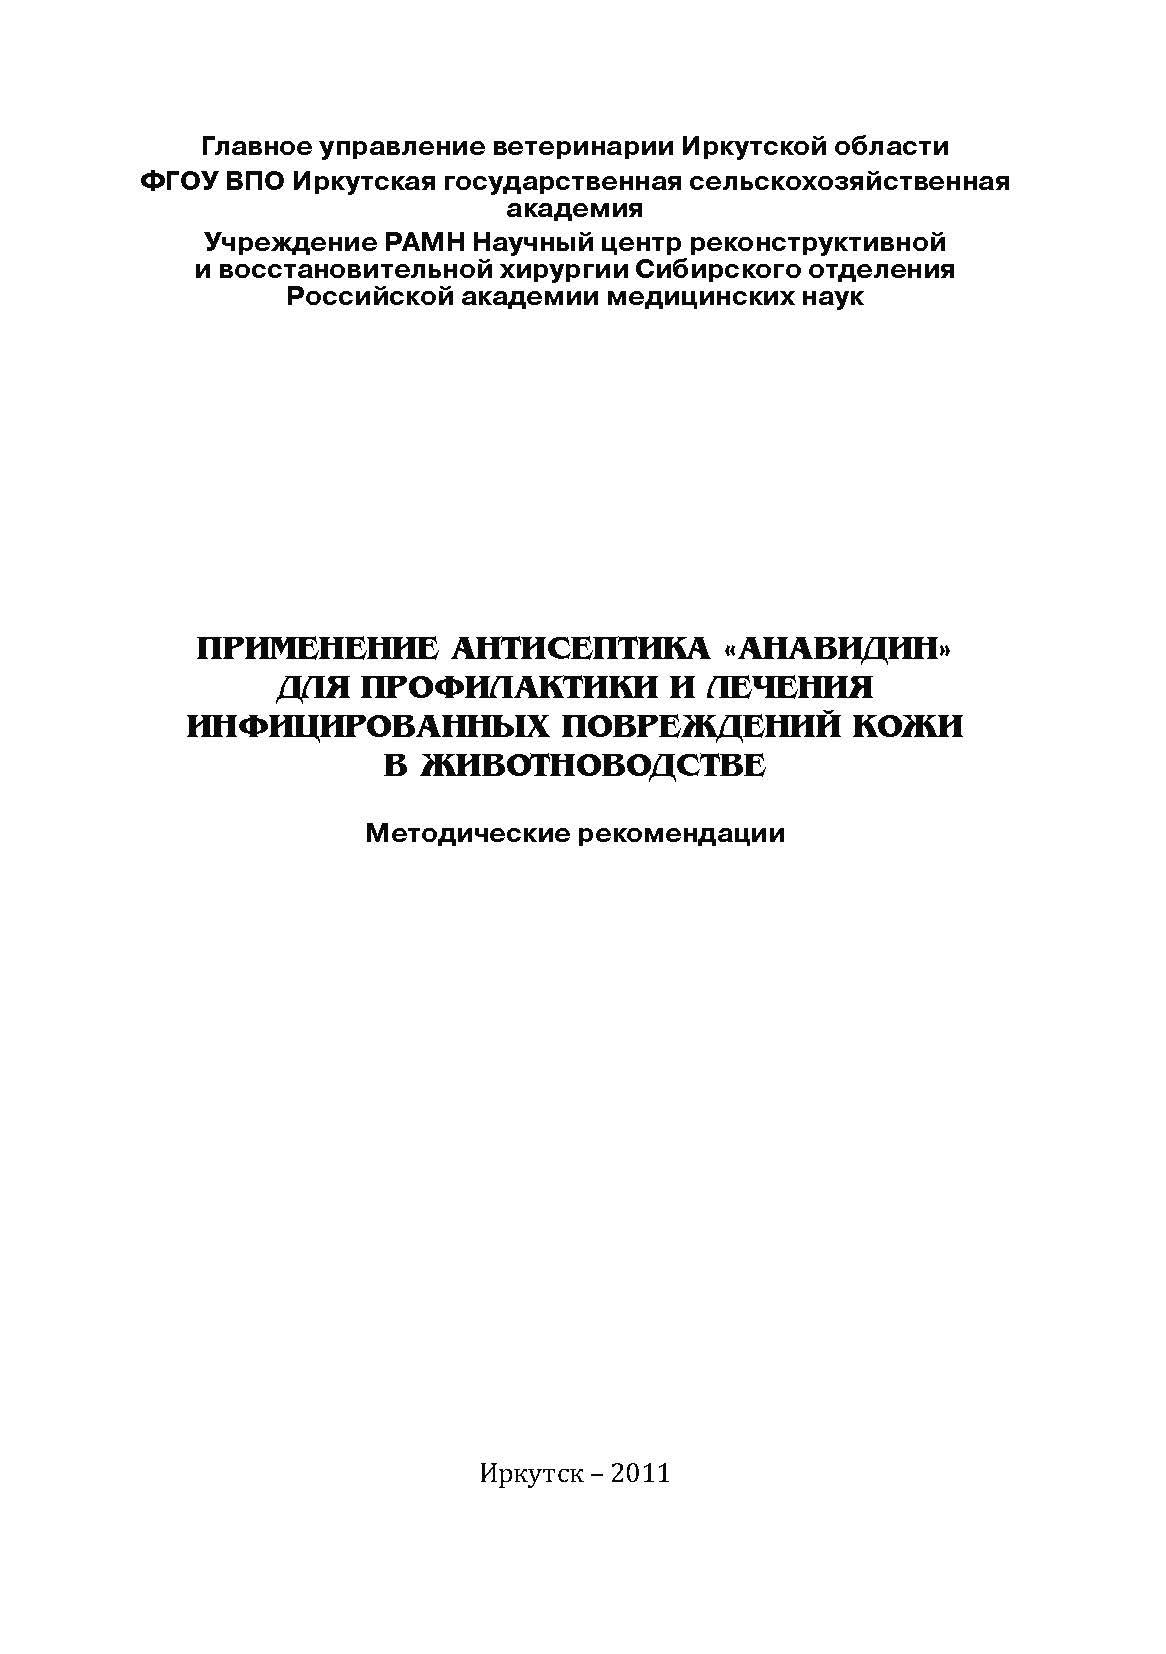 Анавидин_2011